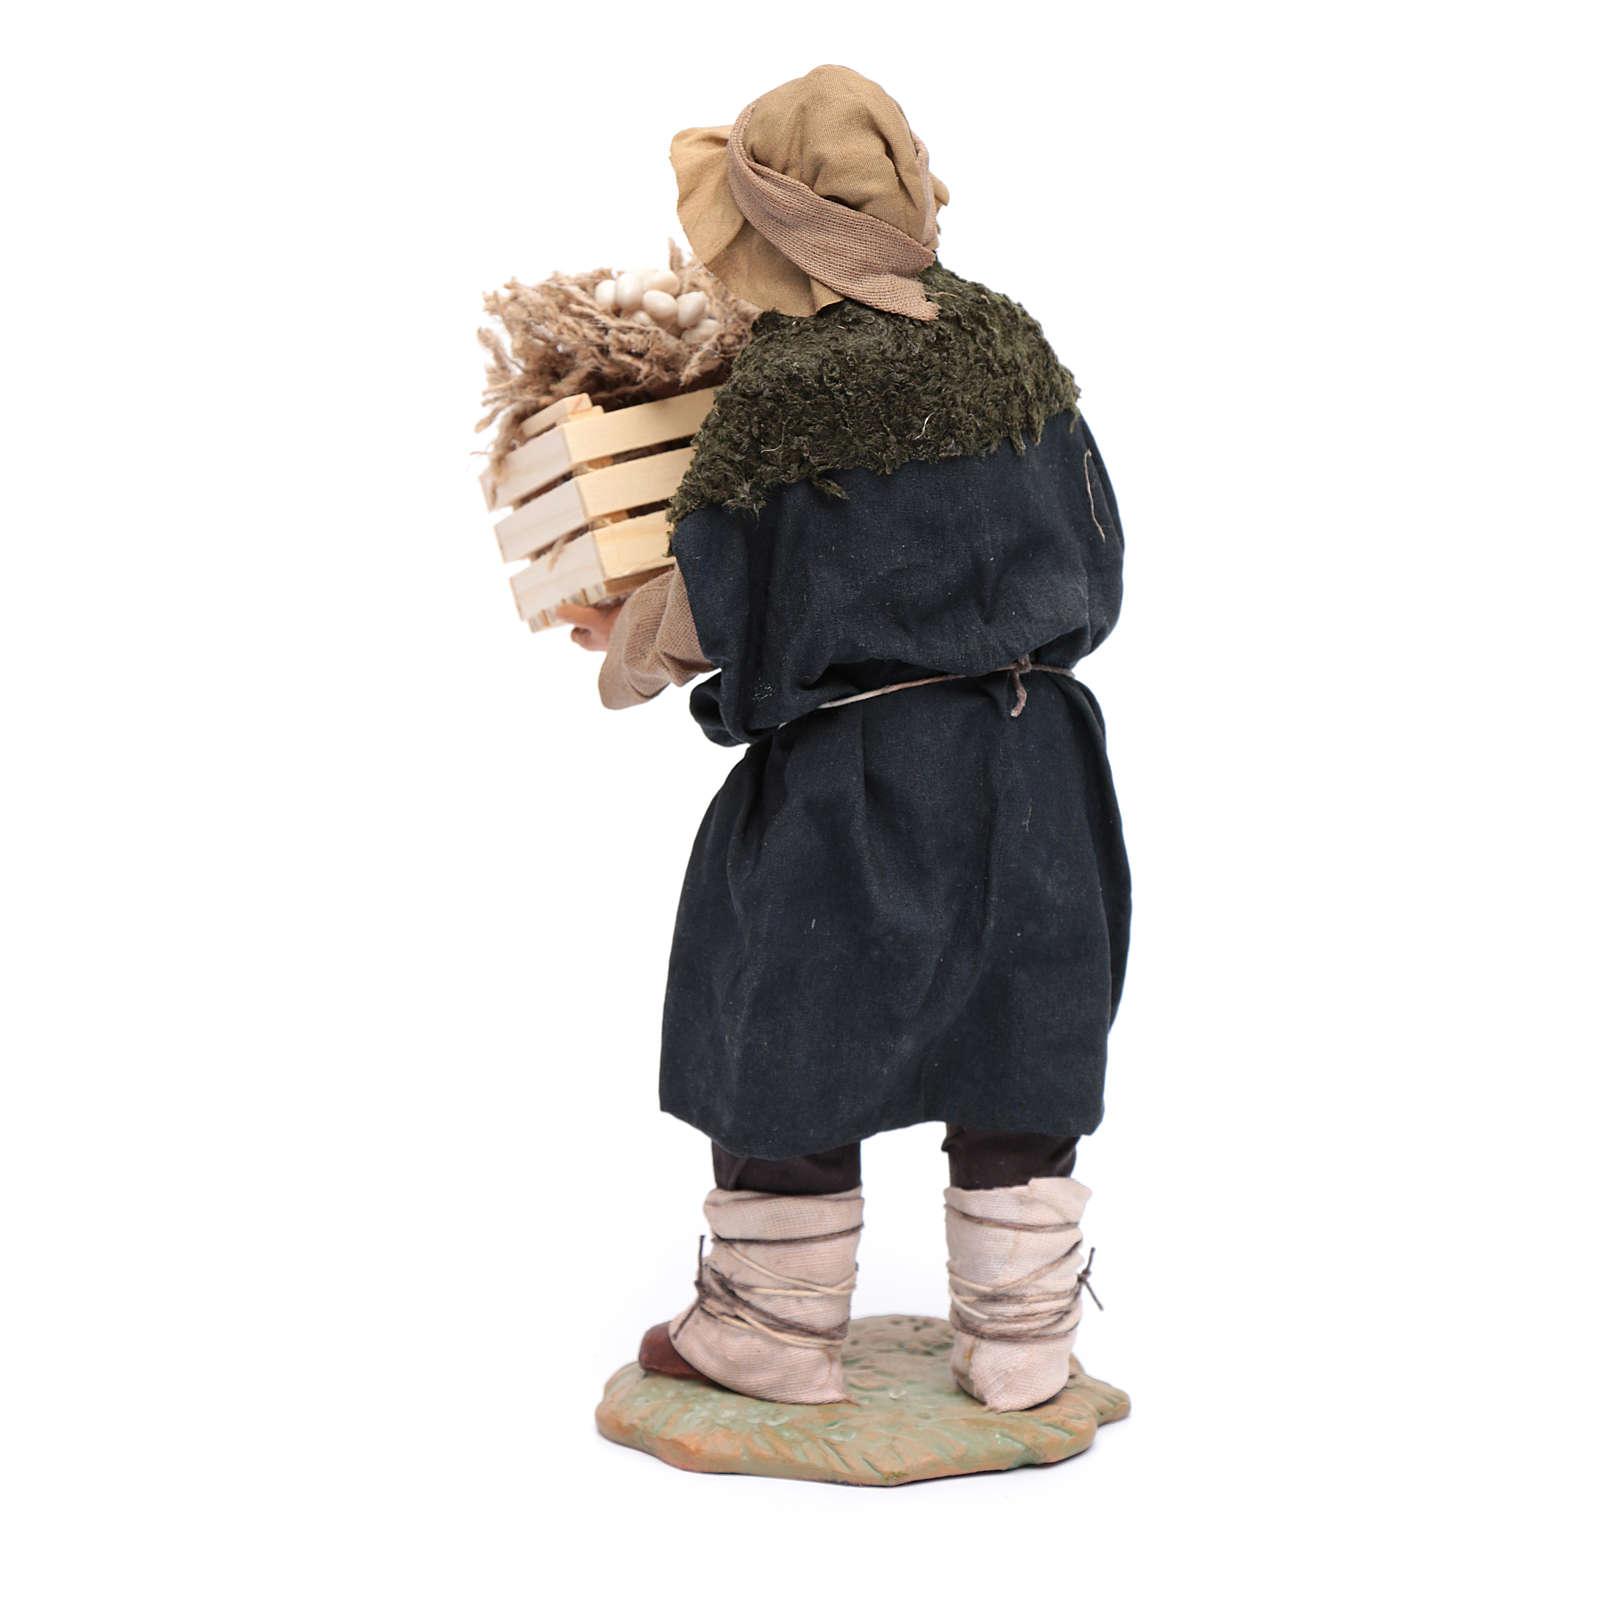 Uomo con cassetta in mano 24 cm presepi napoletani 4